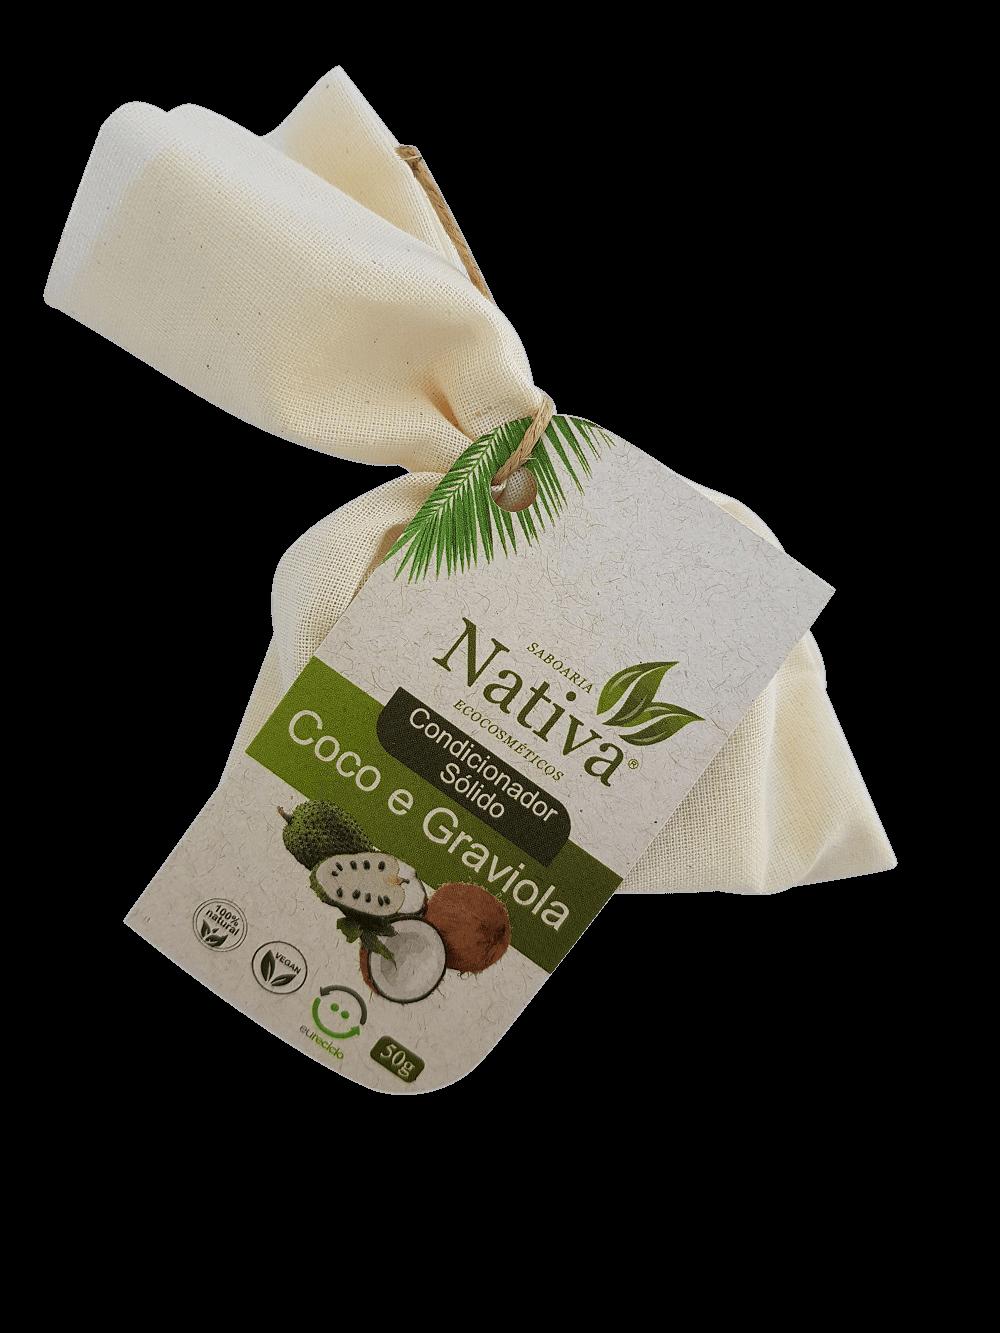 Condicionador Sólido - Graviola e Coco 50g  - Saboaria Nativa Ecocosméticos